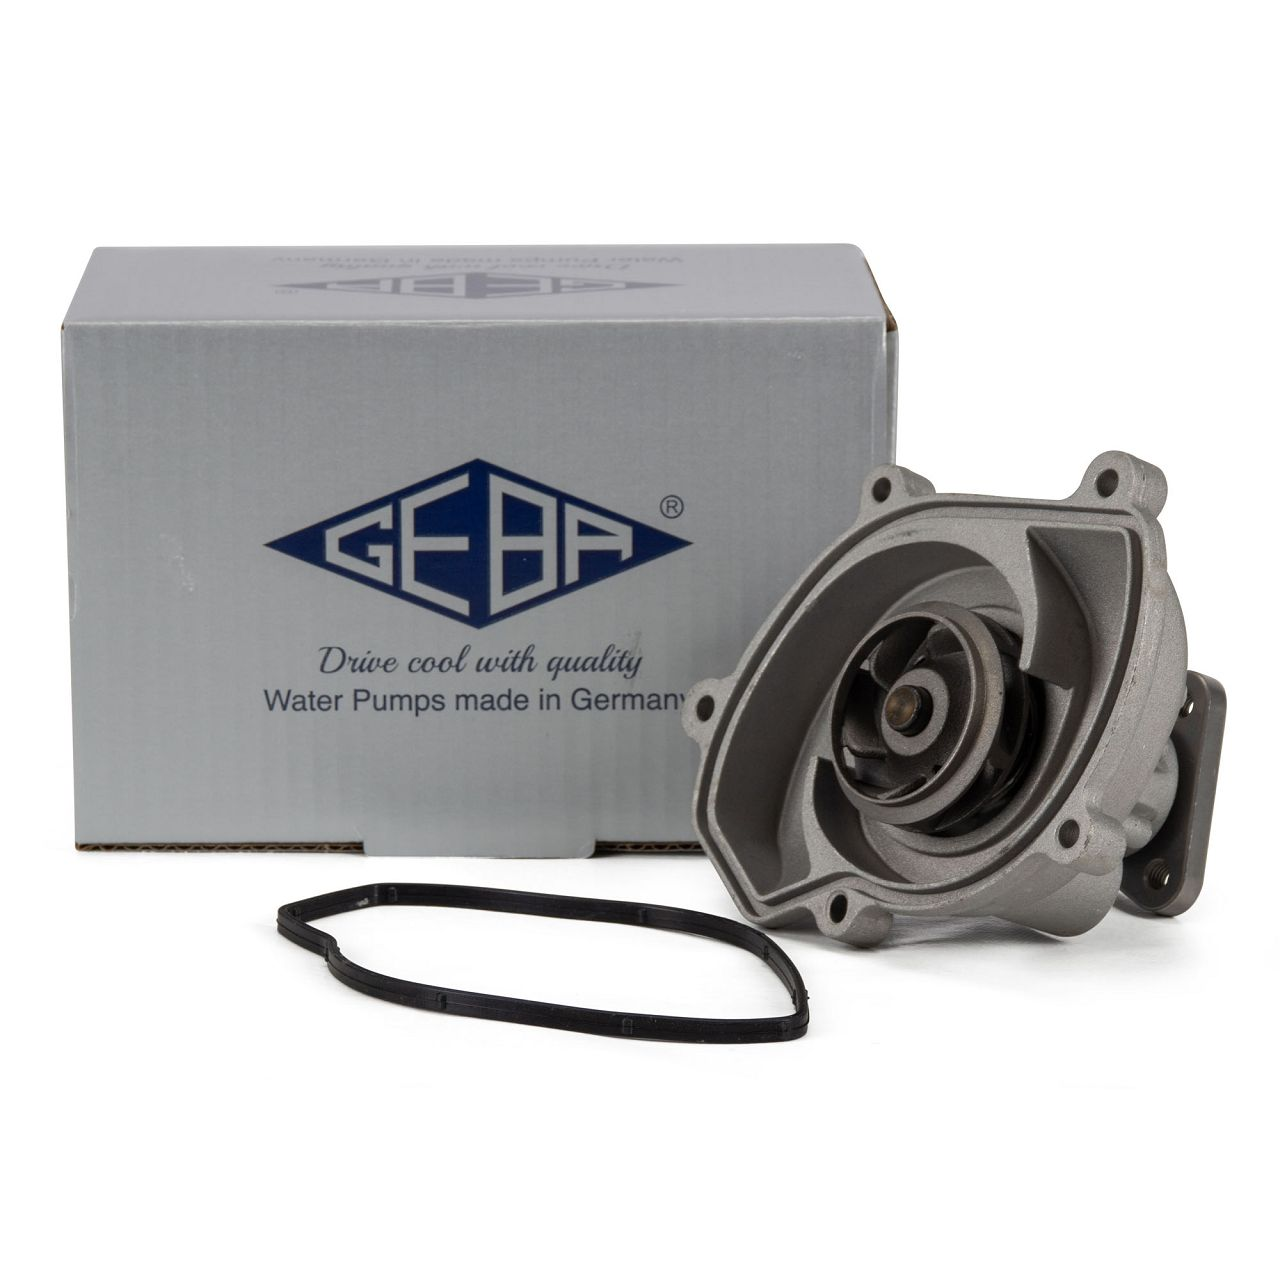 GEBA 15016 Wasserpumpe für PORSCHE PANAMERA (970) 3.6 300 / 310 PS